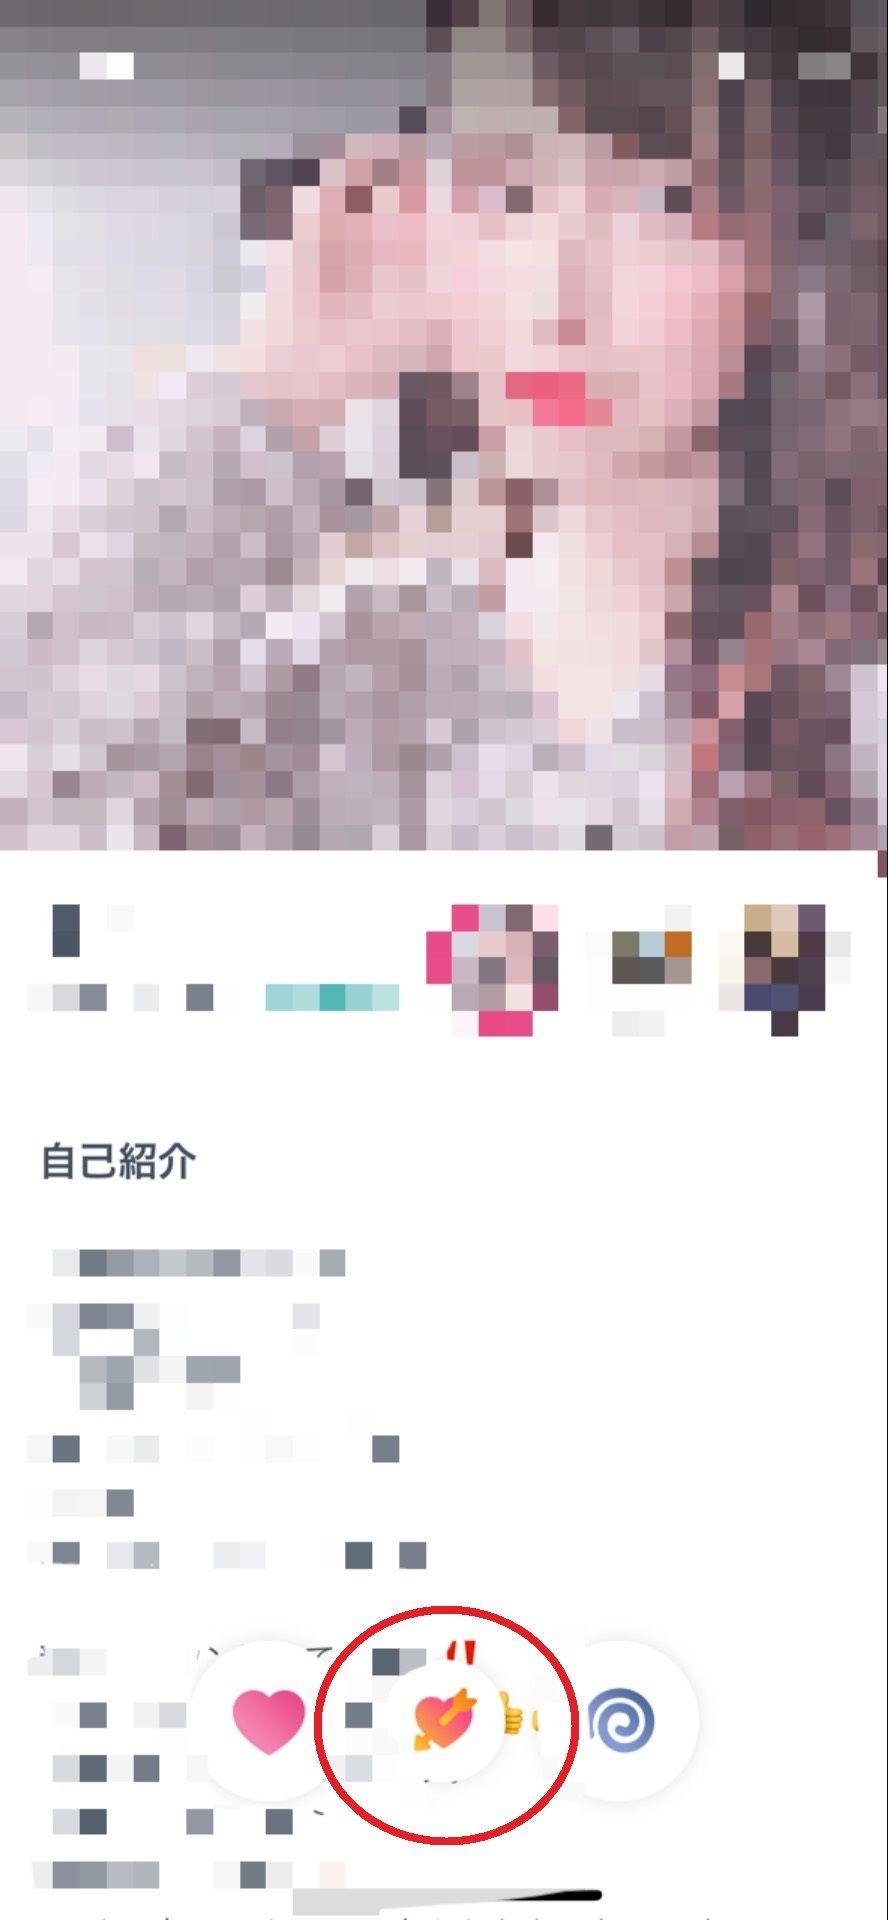 タップル誕生 相手のプロフィール画面から「スーパーいいかも」をチェック!